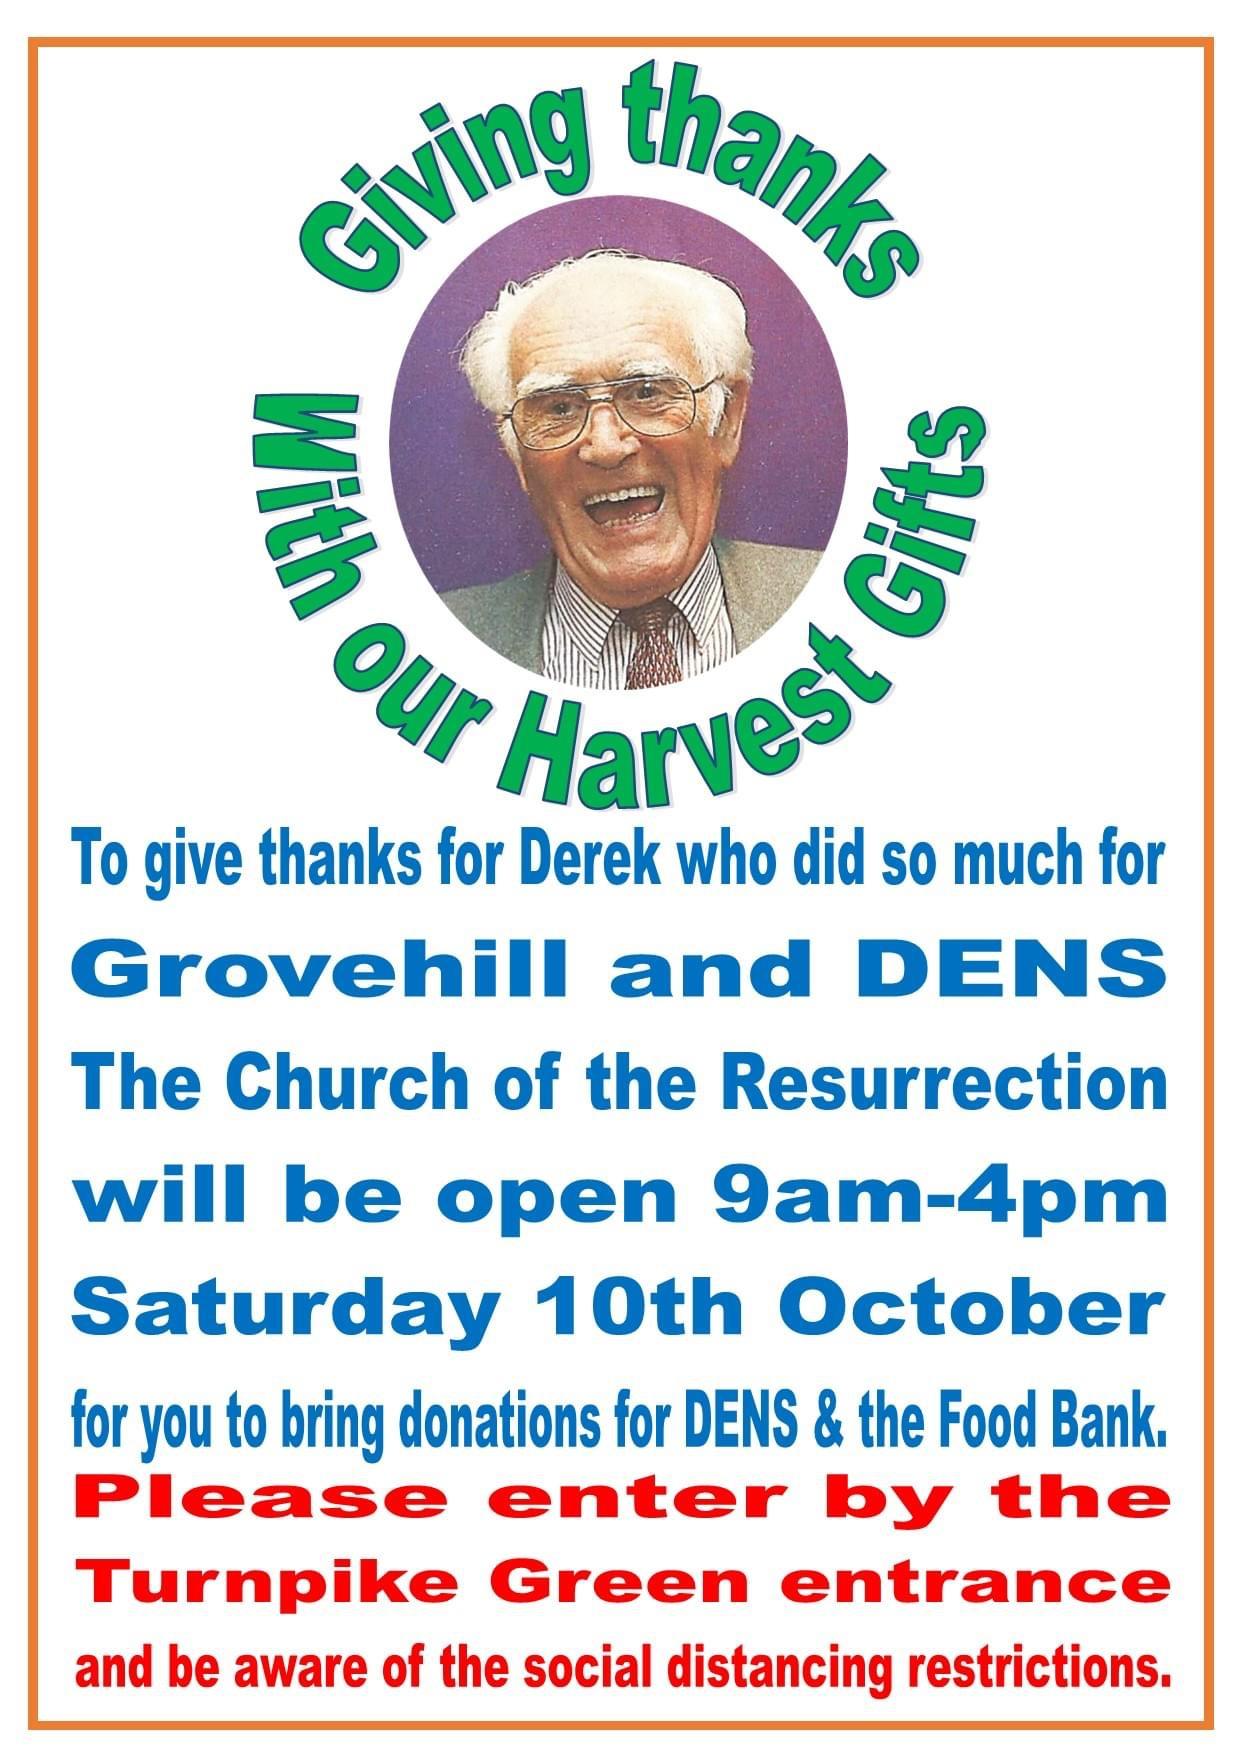 Thank you Derek Baulch